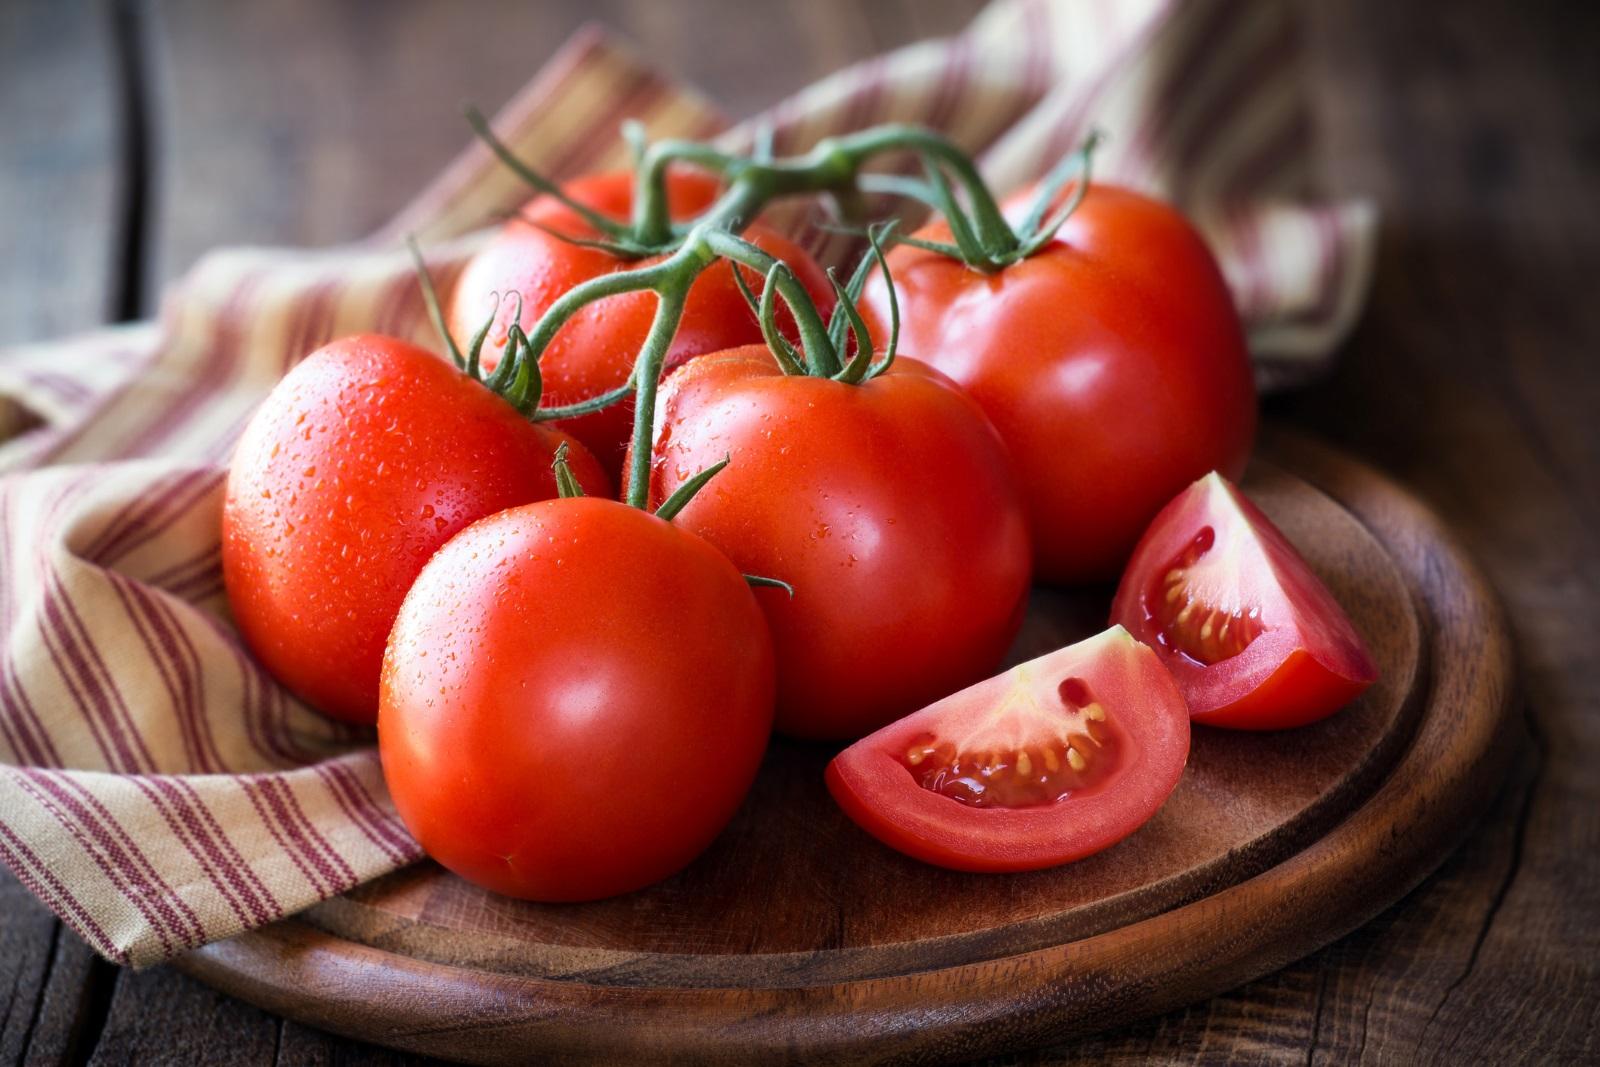 Доматите съдържат ликопен, който се бори с образуването и разпространението на ракови клетки и предпазва артериите от атеросклероза. Ликопенът се усвоява по-добре, когато доматите са сготвени, така че доматените сосове трябва да станат вашата нова стихия.